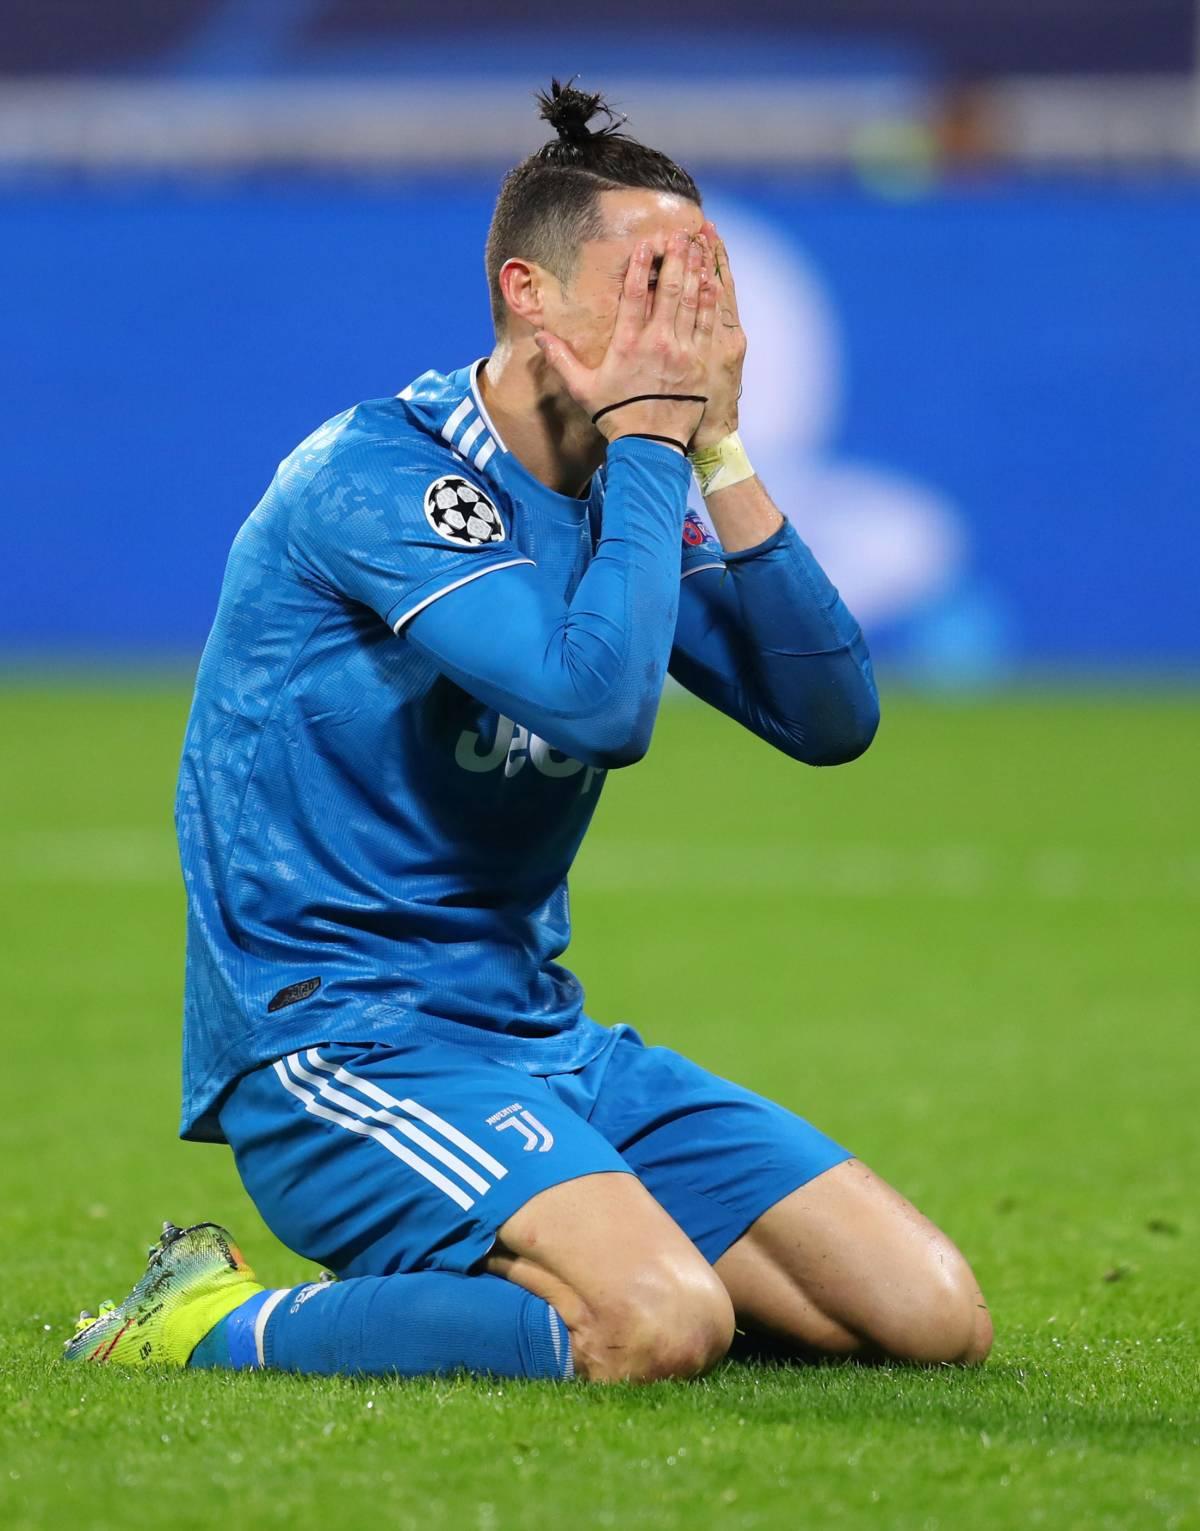 La Juventus richiama gli stranieri: Cristiano Ronaldo bloccato in Portogallo